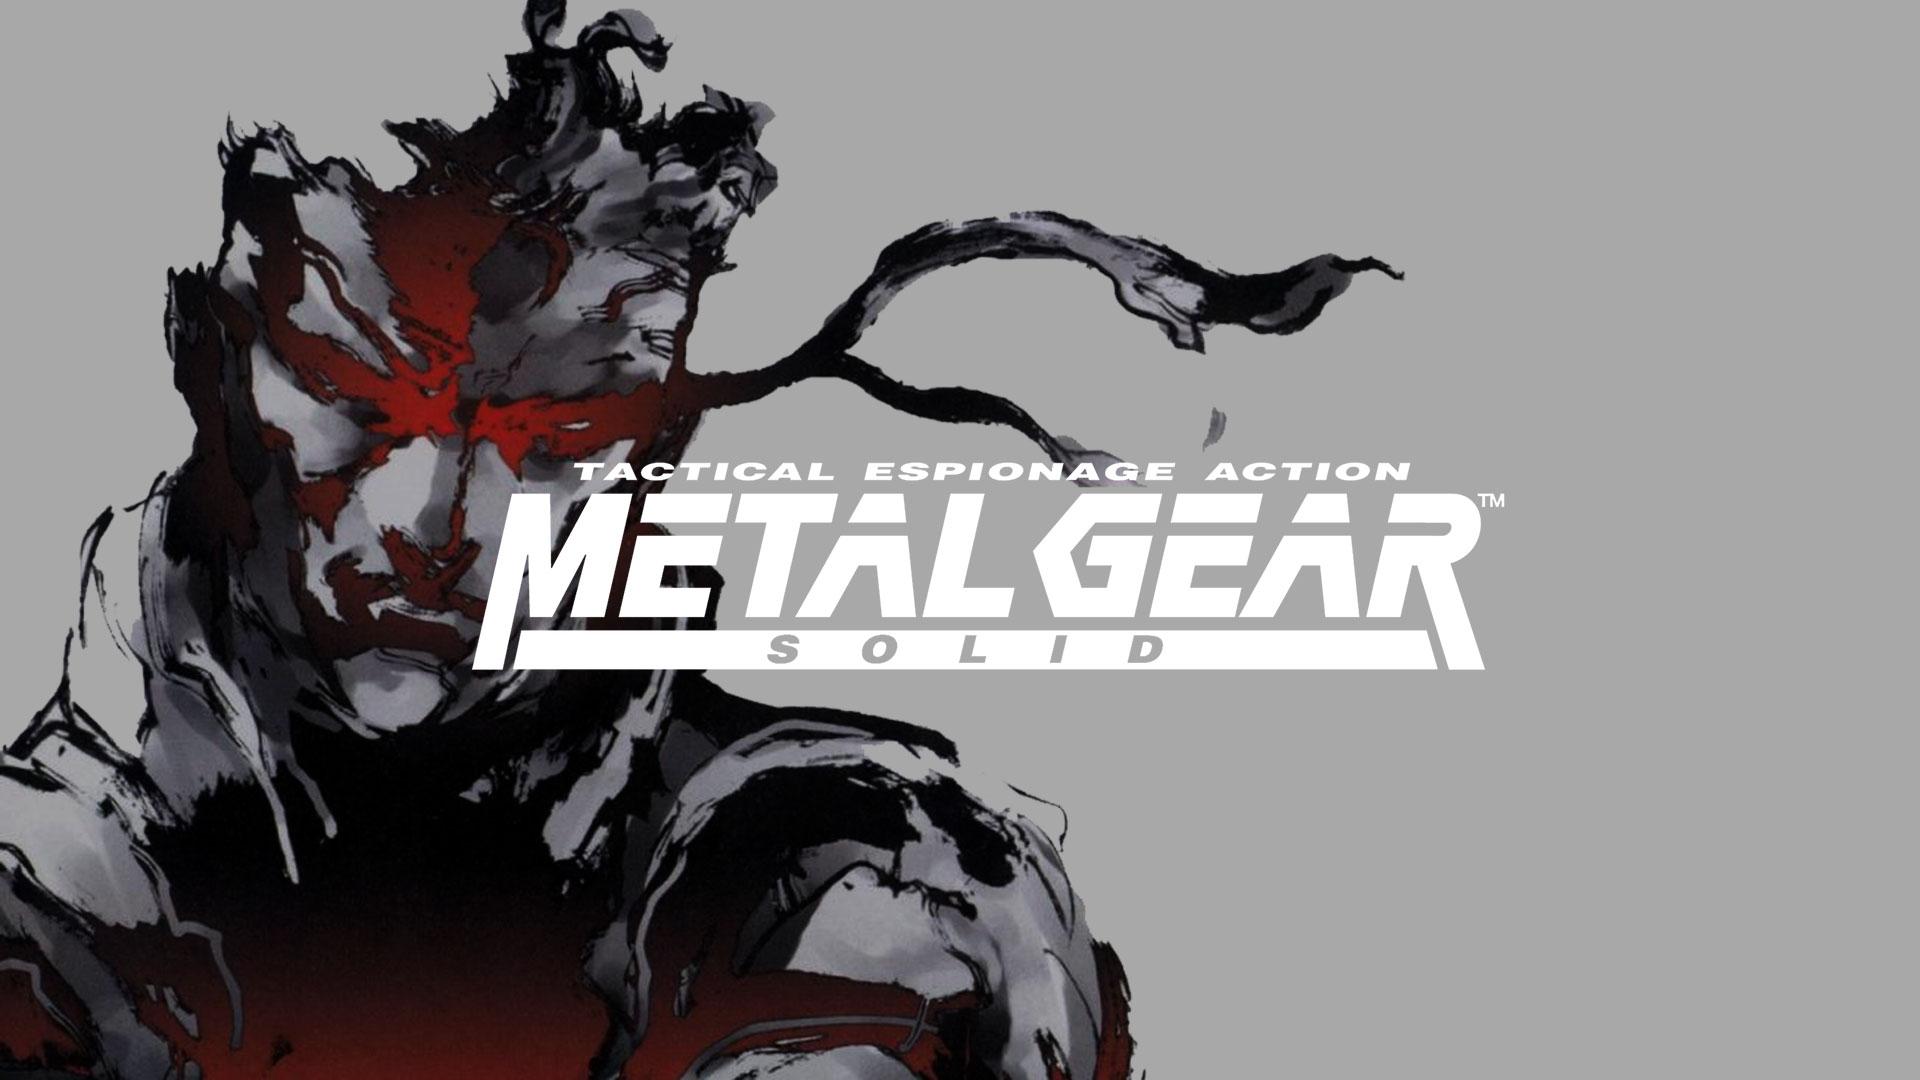 Jogos que completam 20 anos em 2018: <br/> Metal Gear Solid